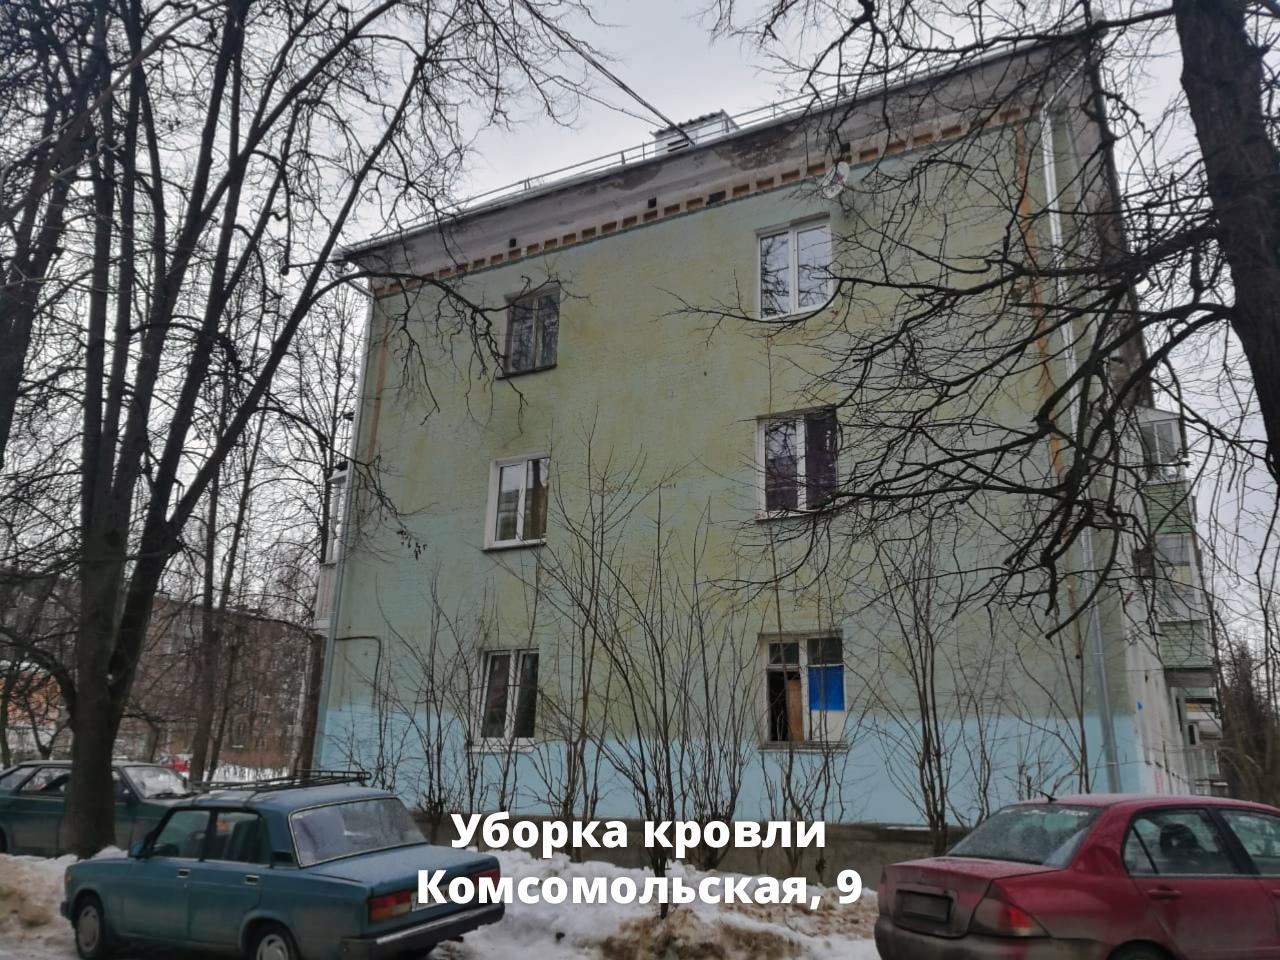 Очистили кровли в Северном и на Комсомольской